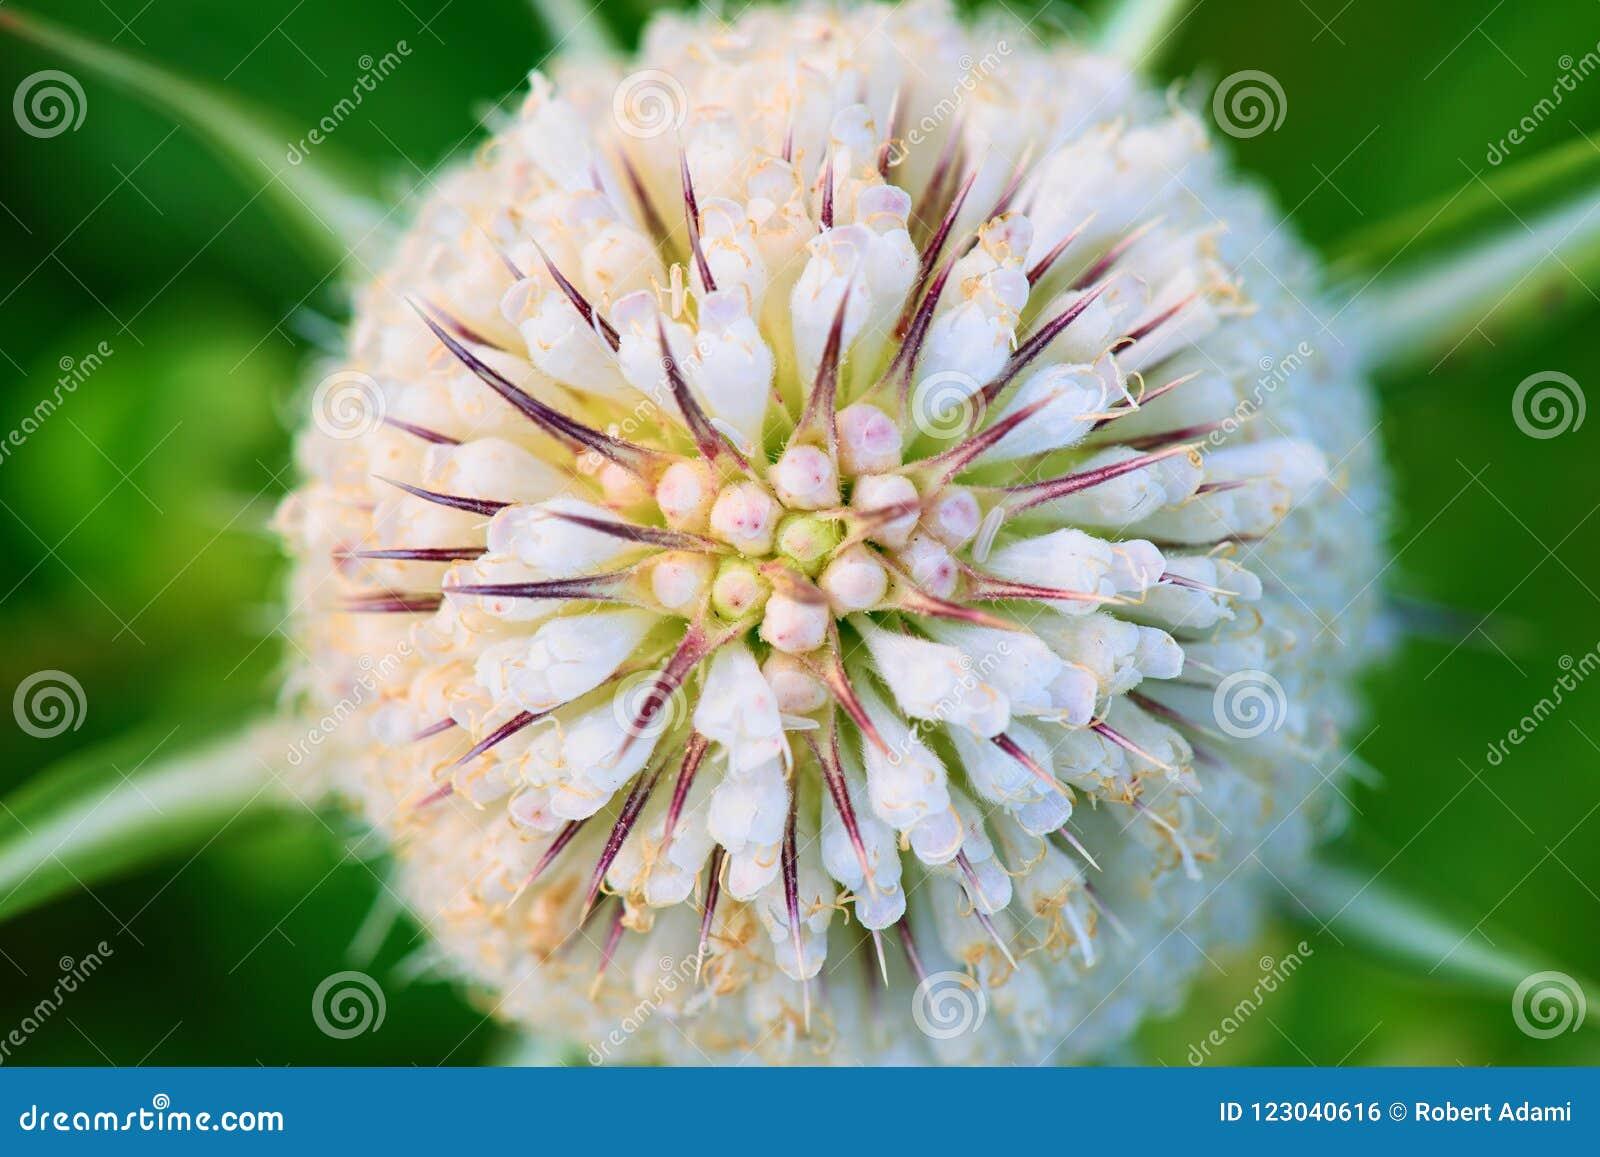 Fleurs blanches sur le plan rapproché de chardon